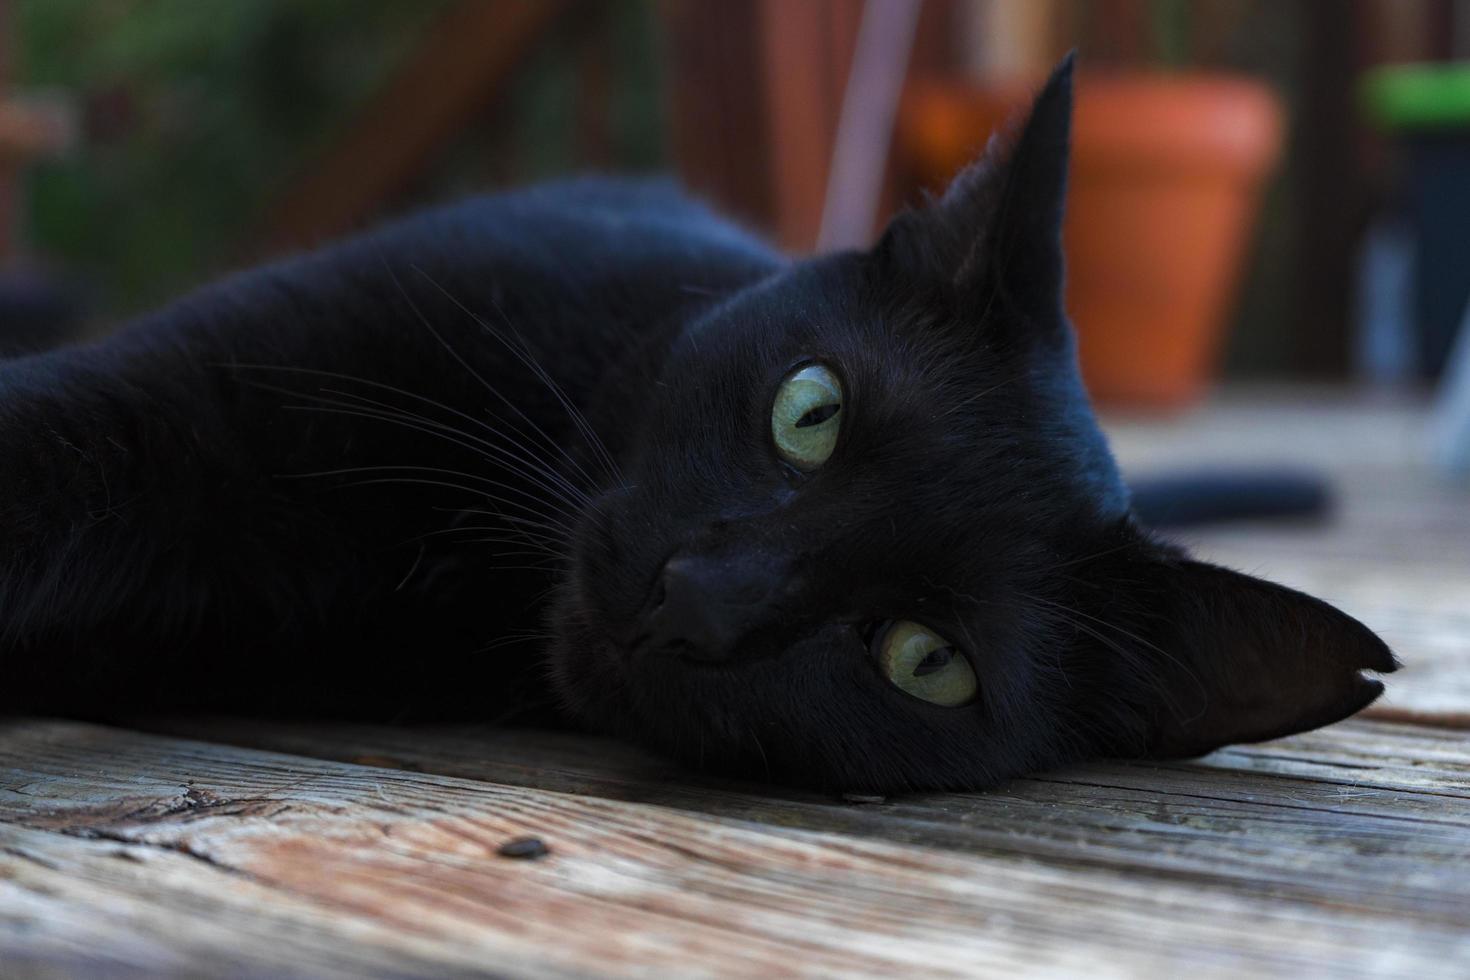 chat noir portant sur un porche photo